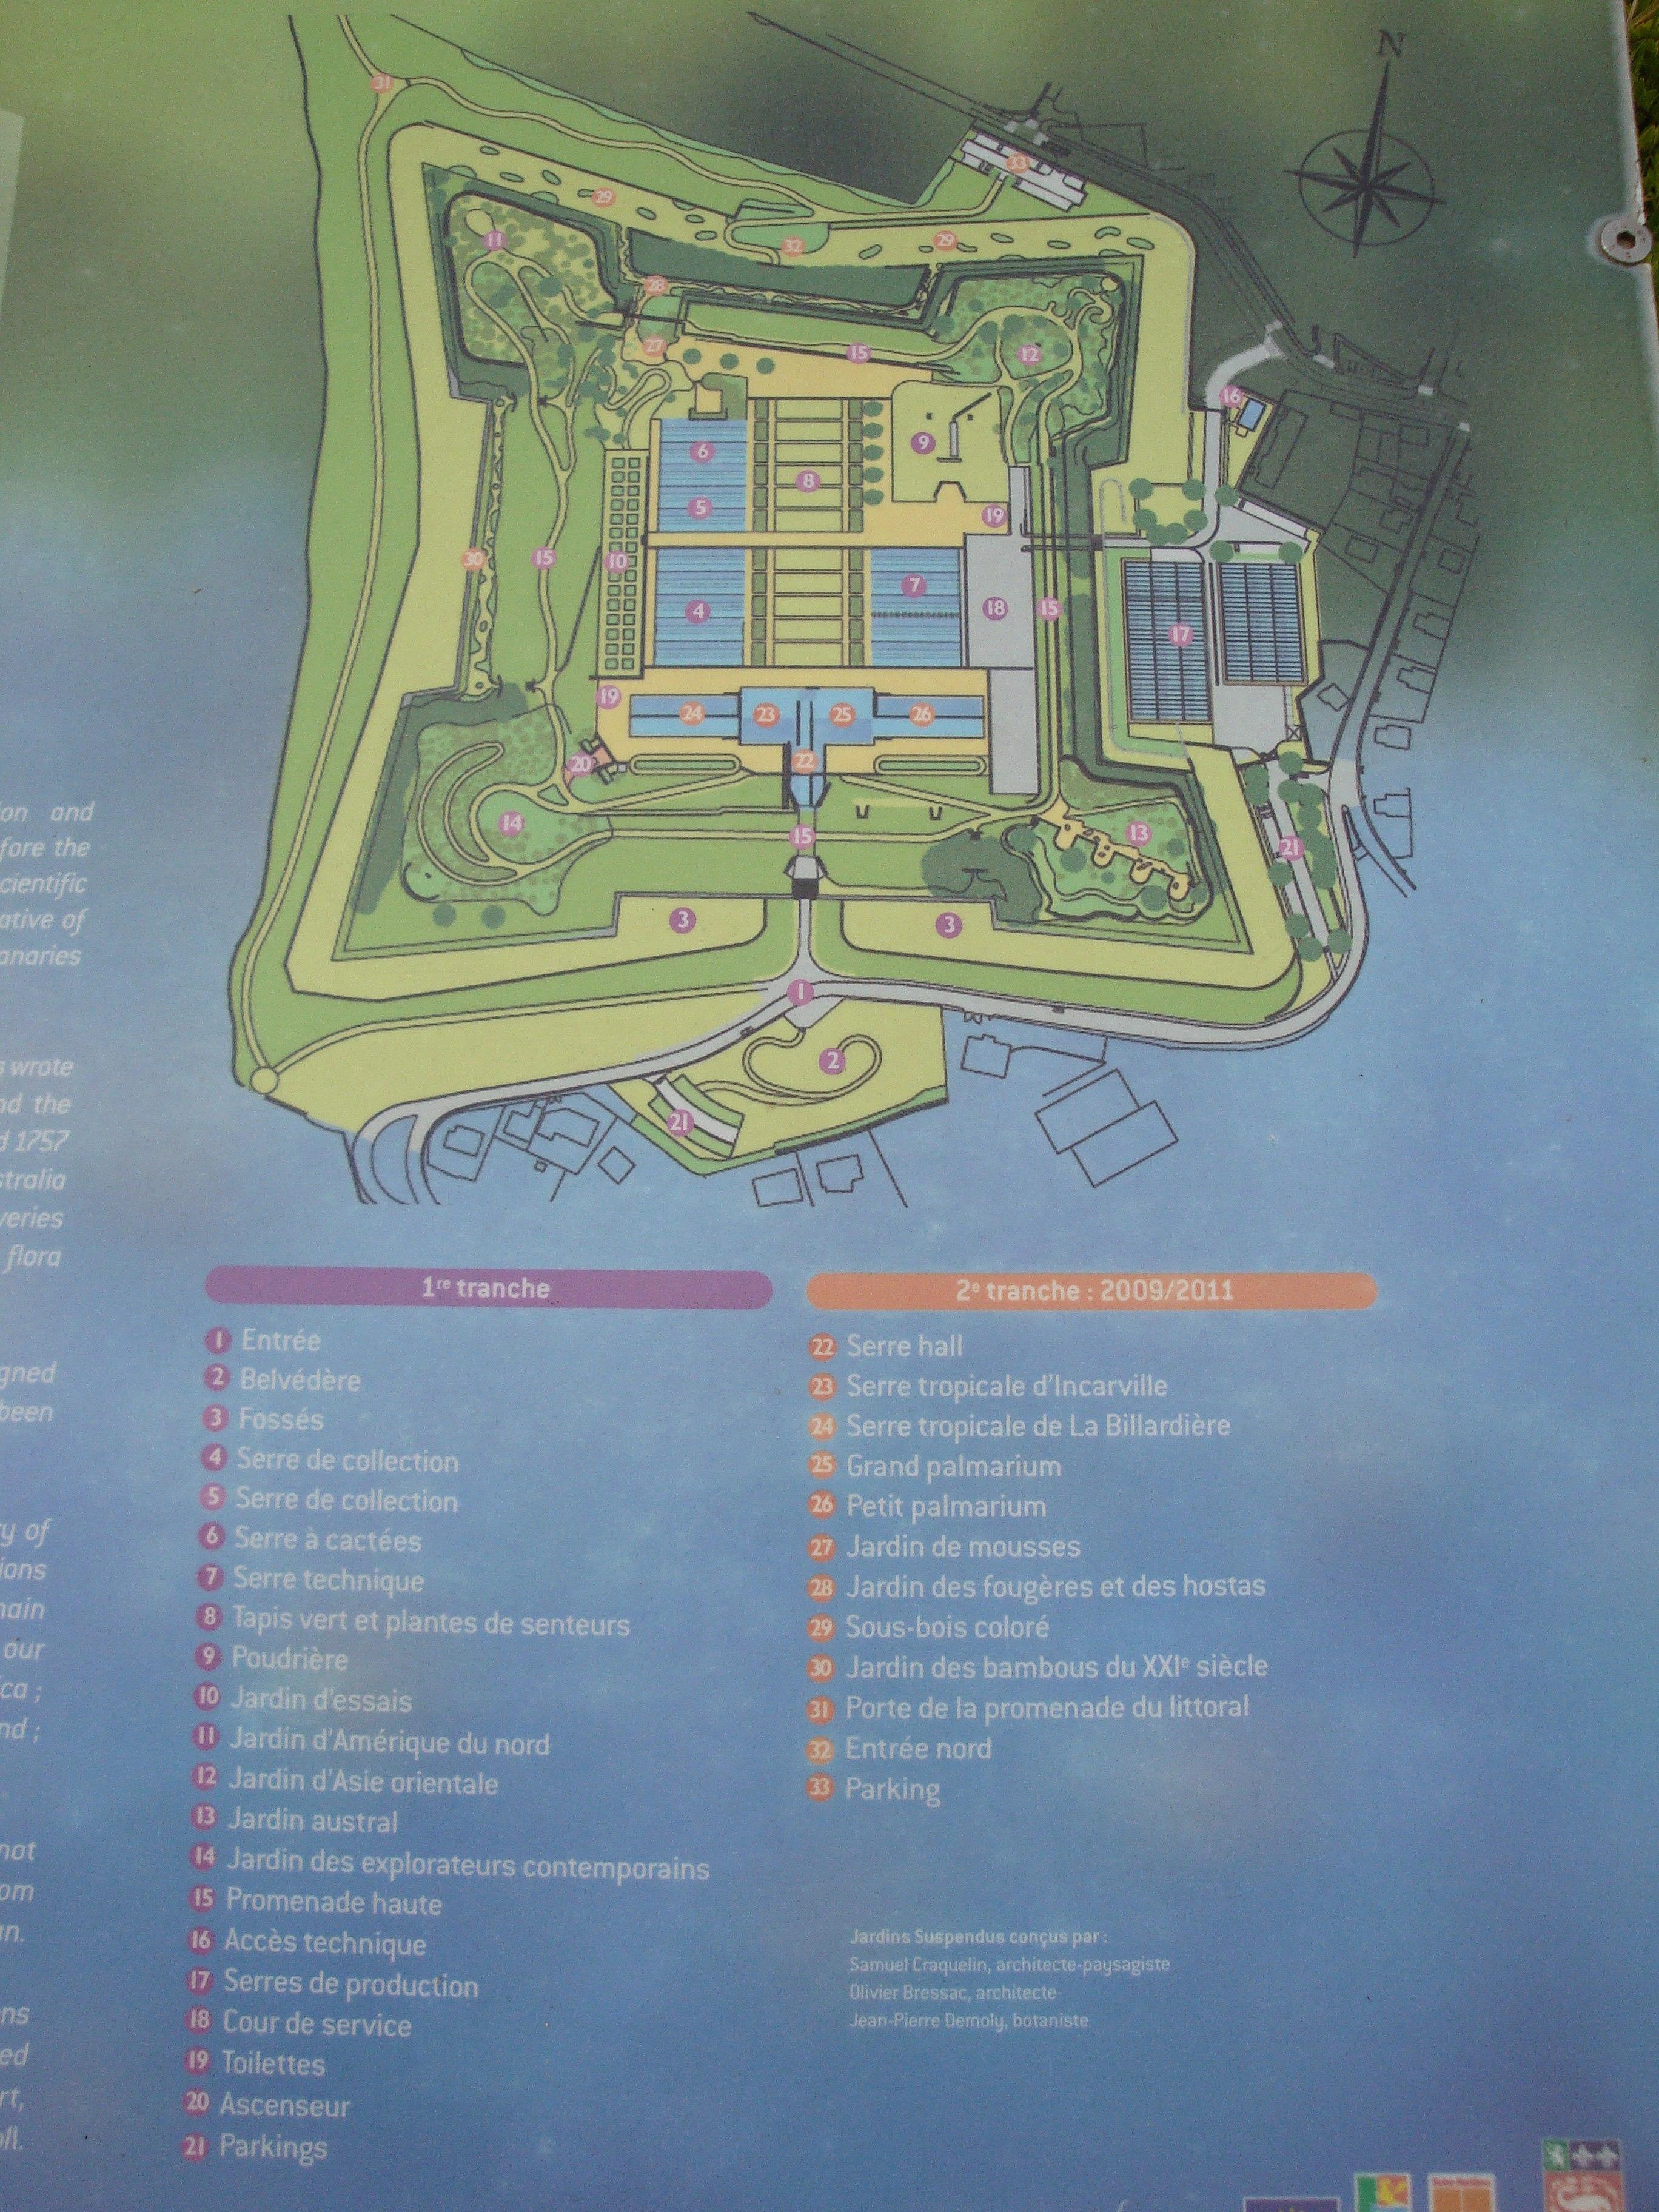 File:Jardins Suspendus La Havre plan détaillé.jpg - Wikimedia Commons